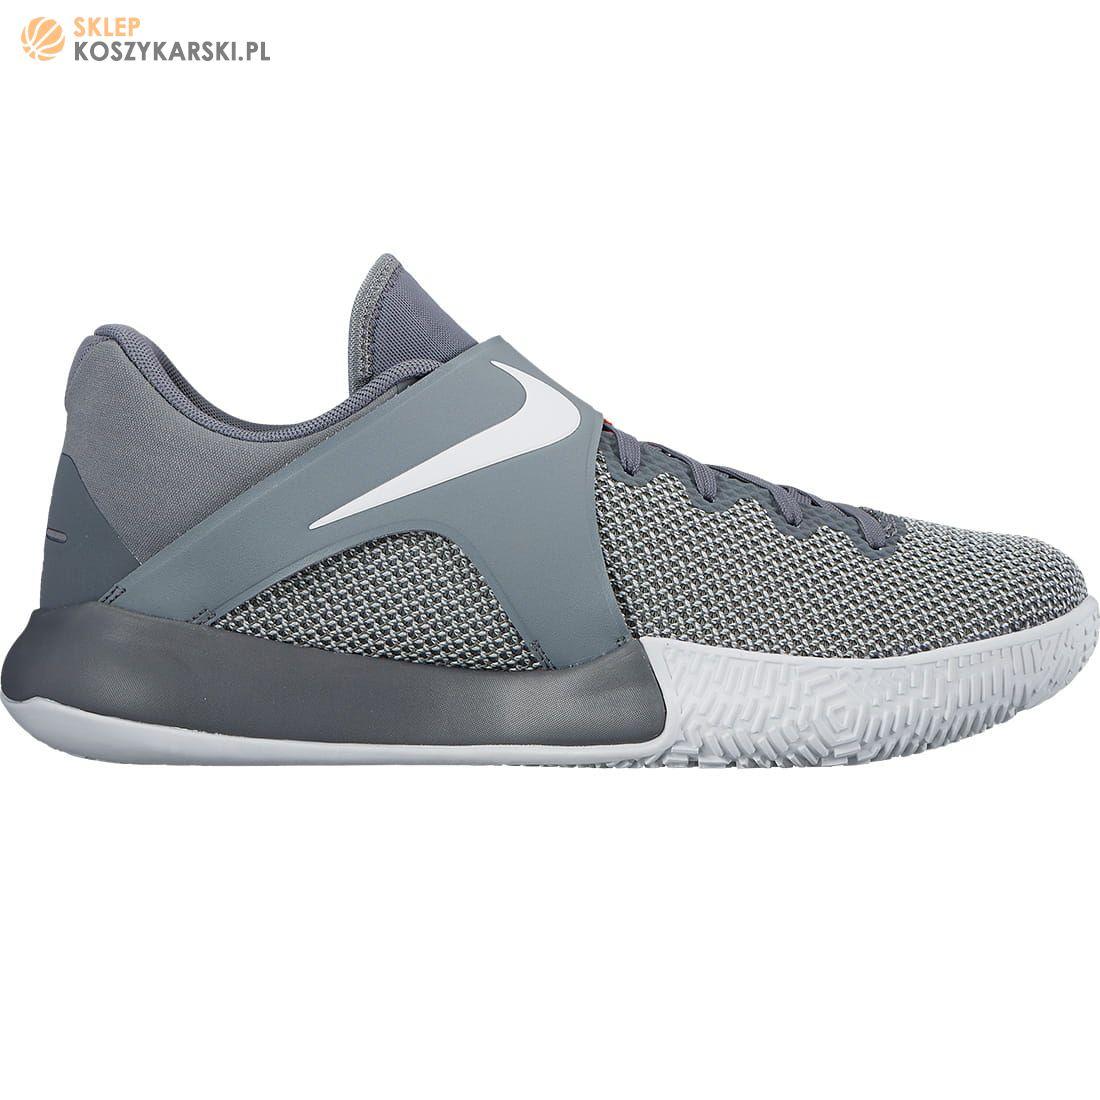 buty damskie koszykarskie